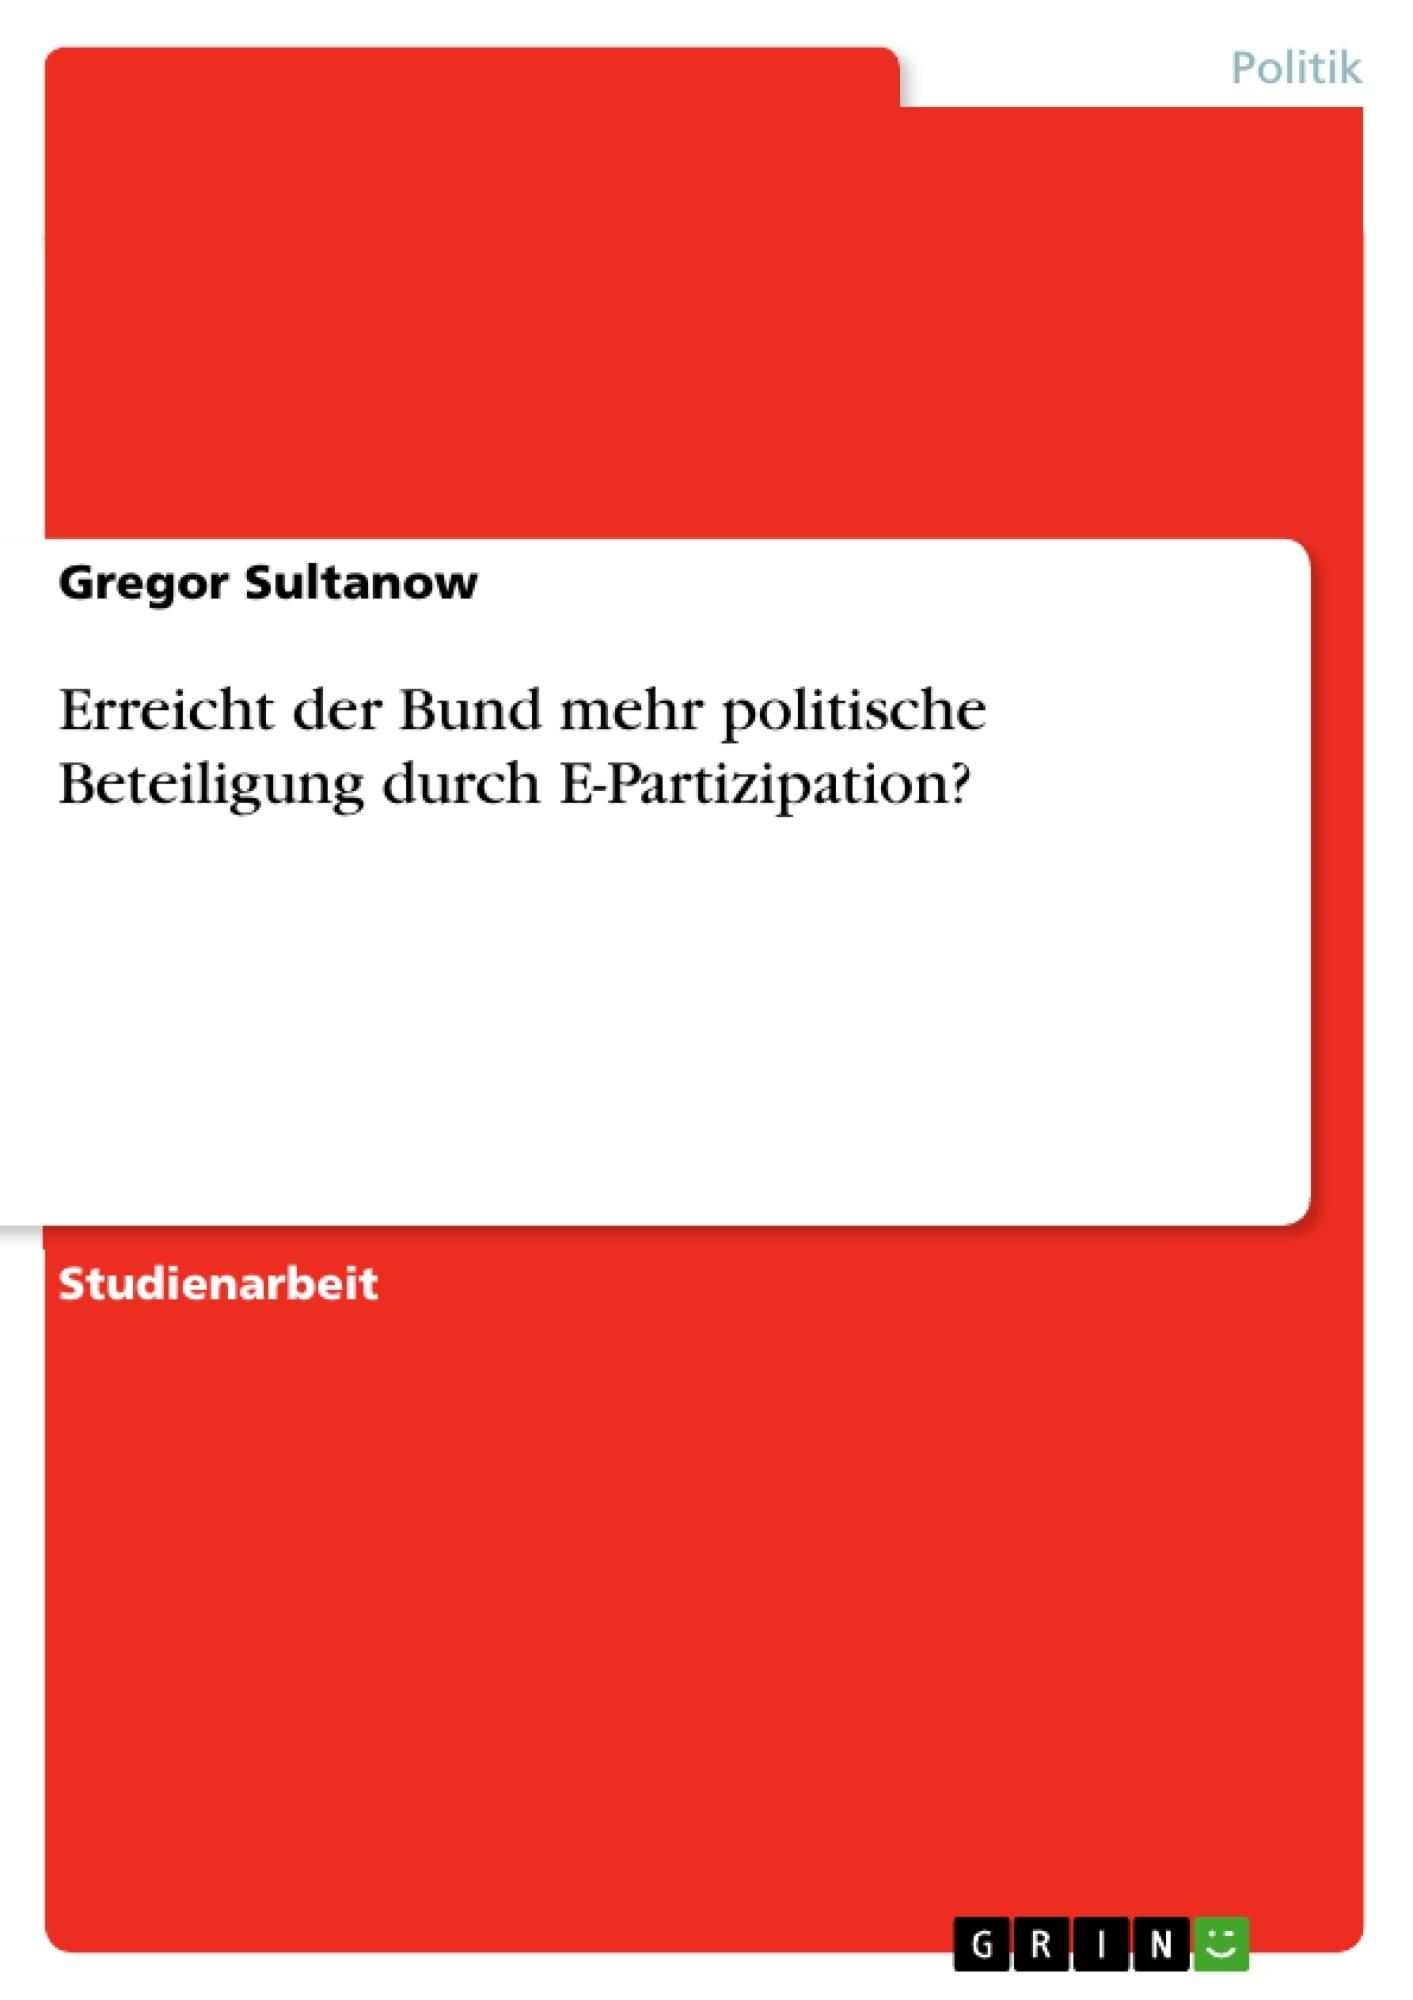 Titel: Erreicht der Bund mehr politische Beteiligung durch E-Partizipation?